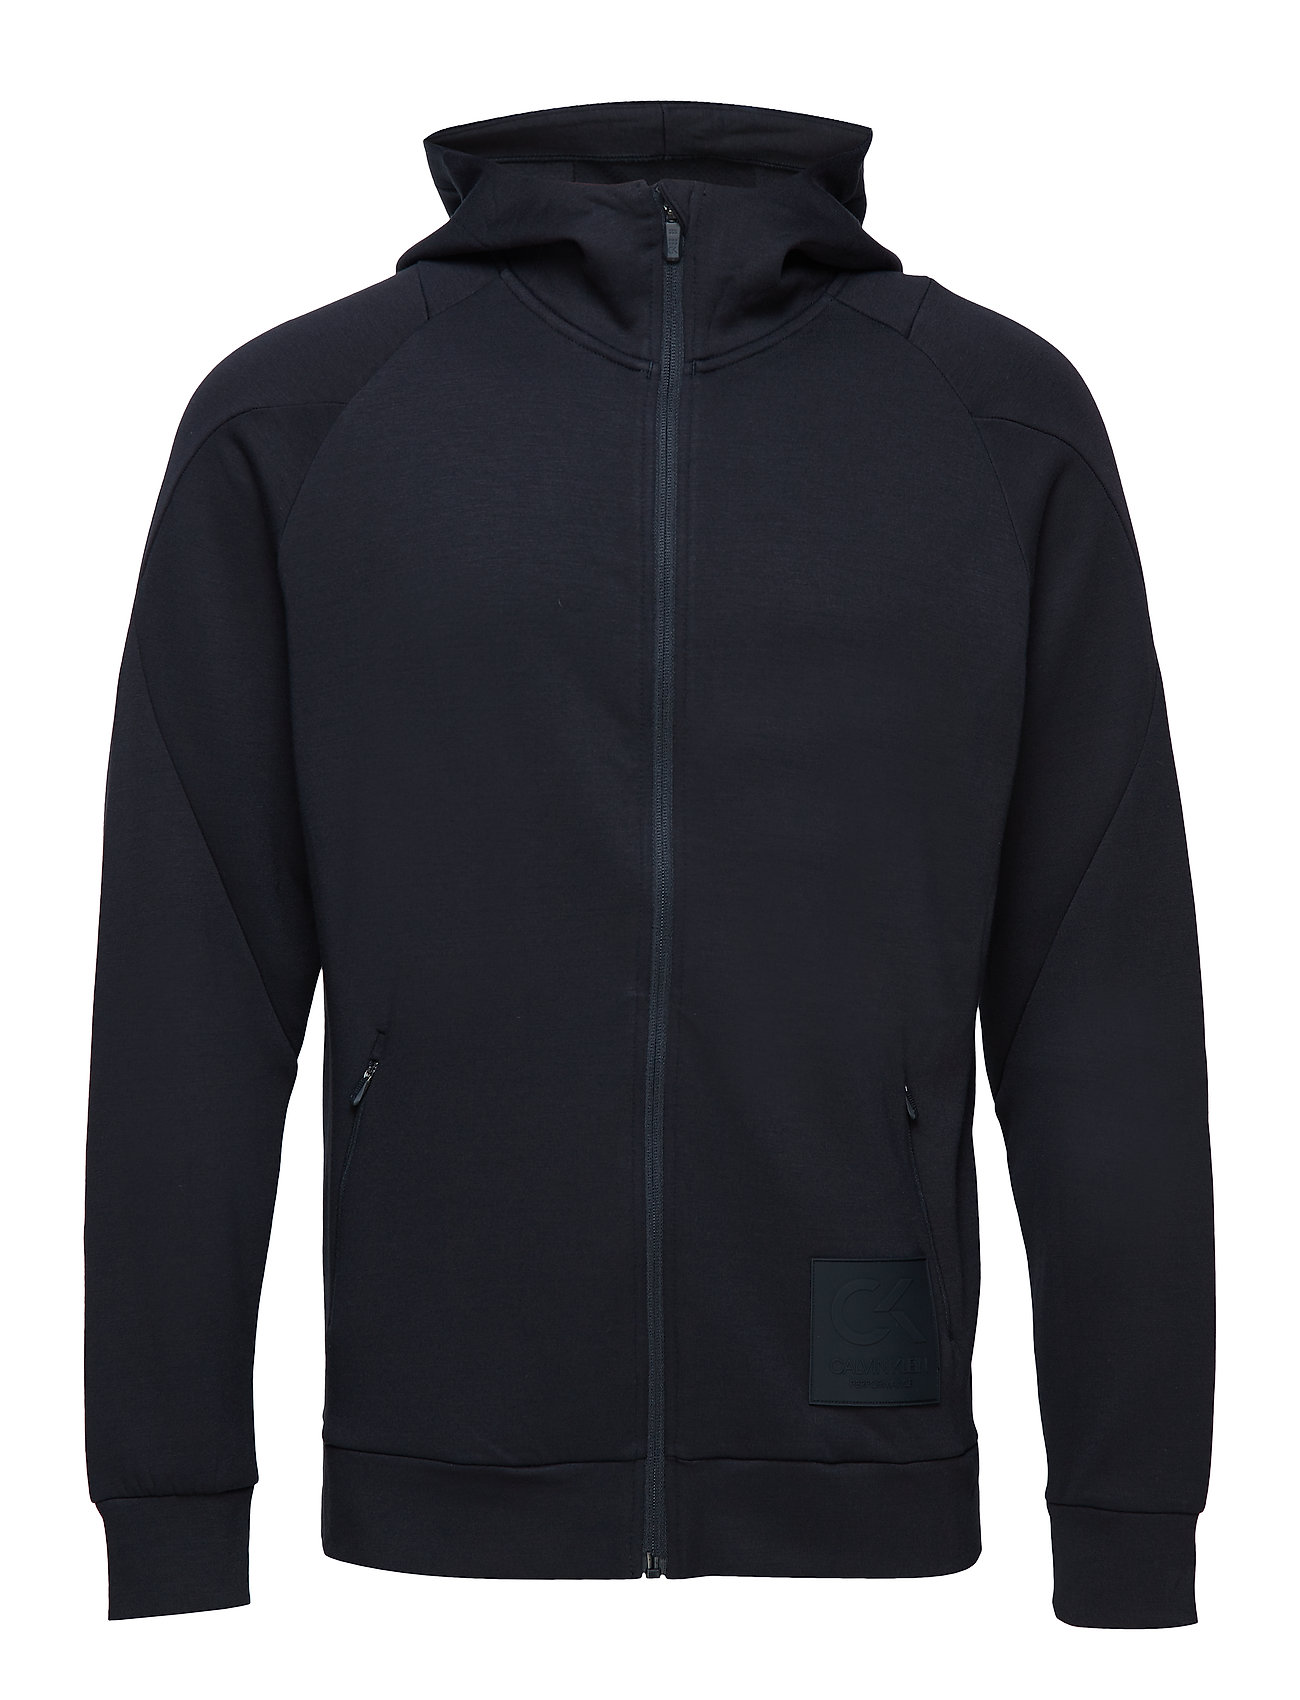 Sweatshirt & Hoodie im Sale - Fz Hoody